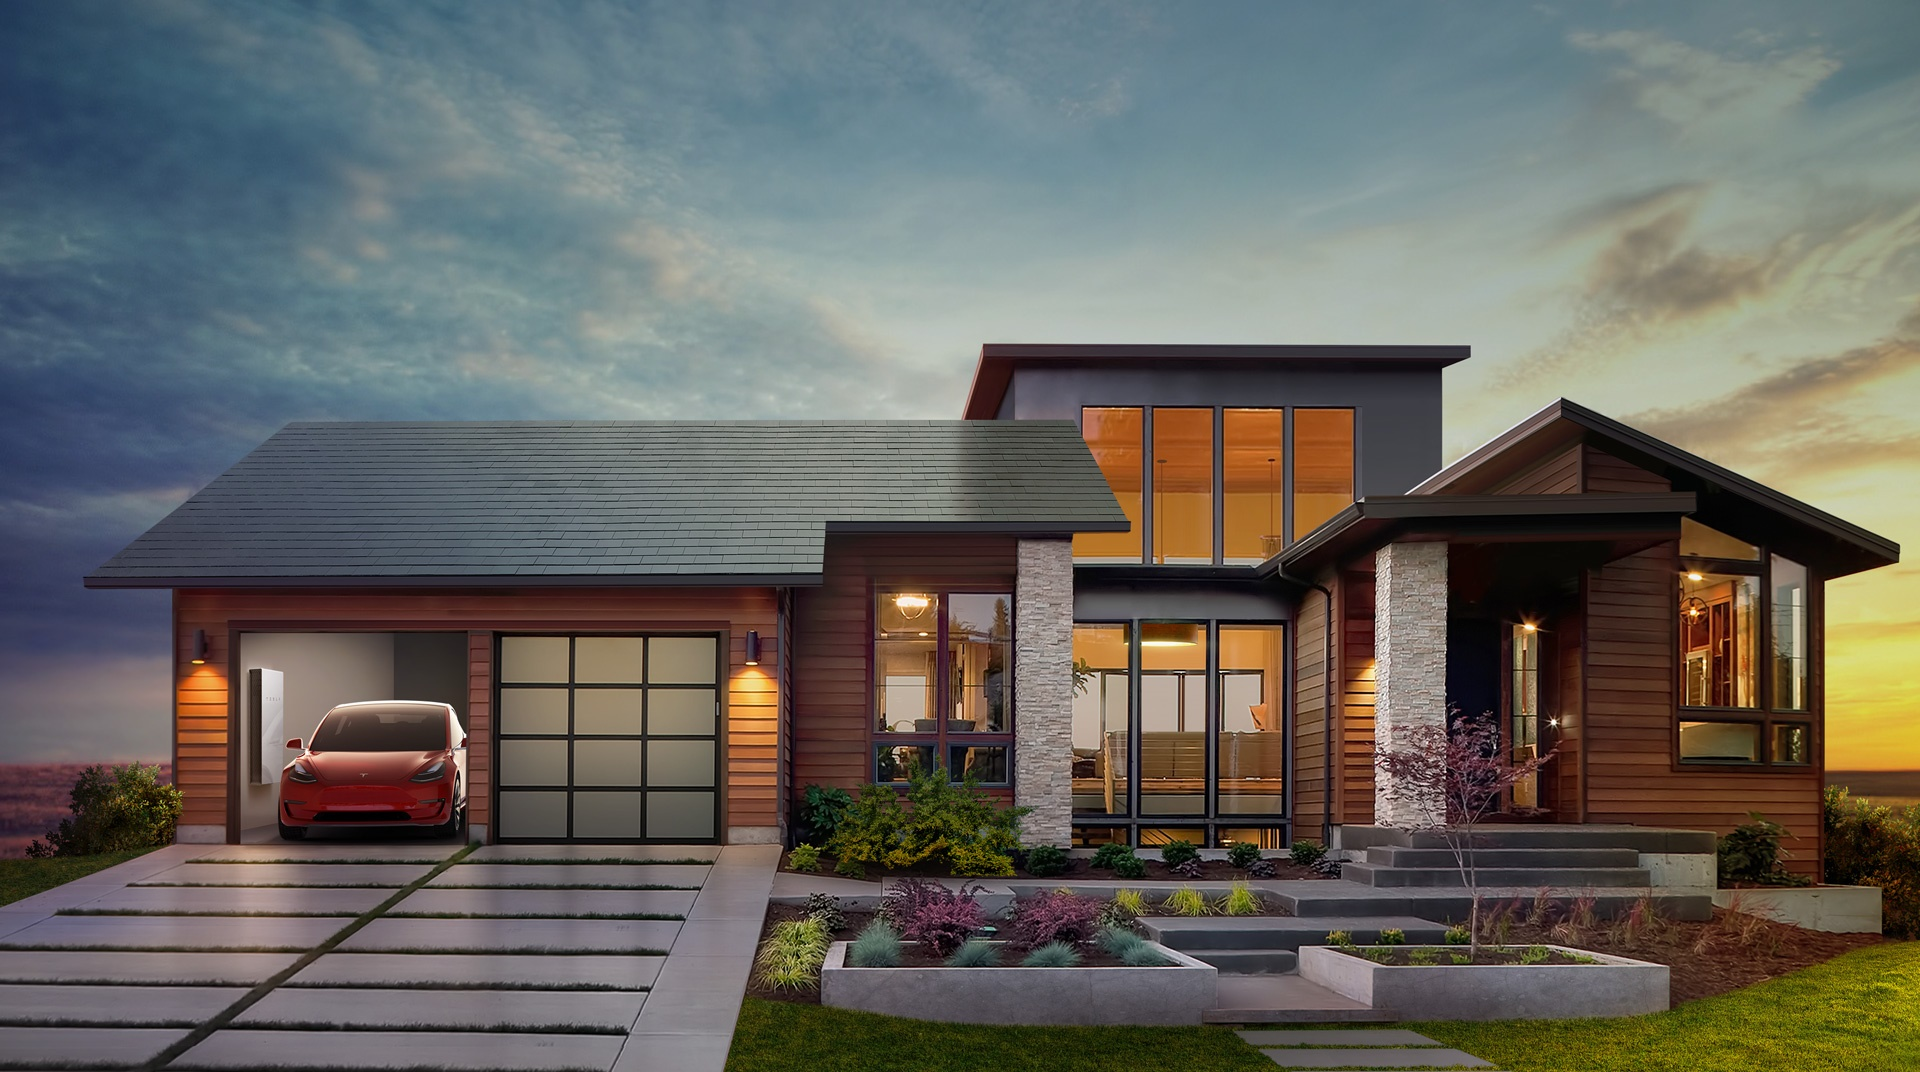 Por qué Elon Musk dice que su tejado solar costará menos que uno convencional